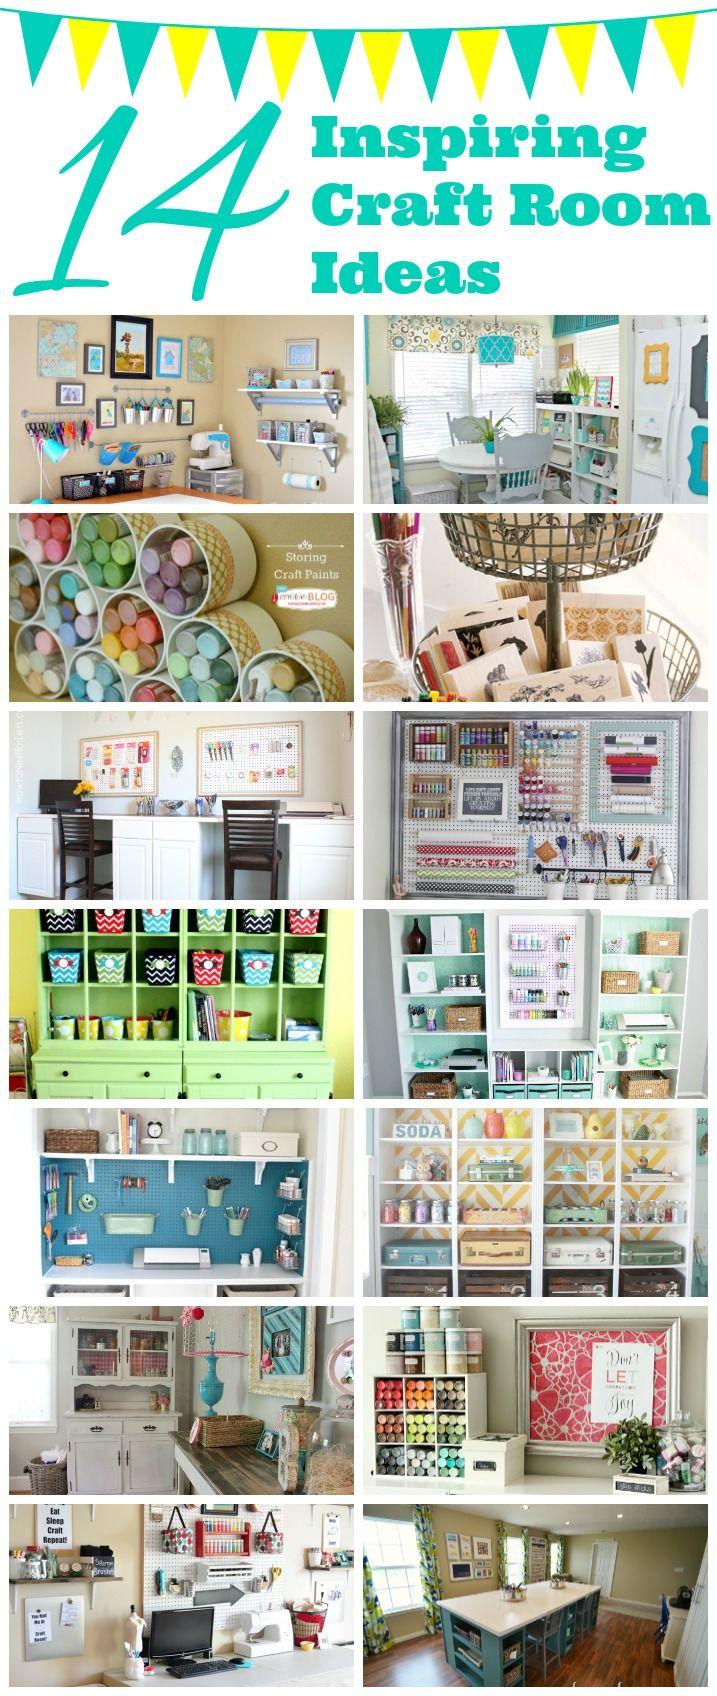 14 Inspiring Craft Room Ideas